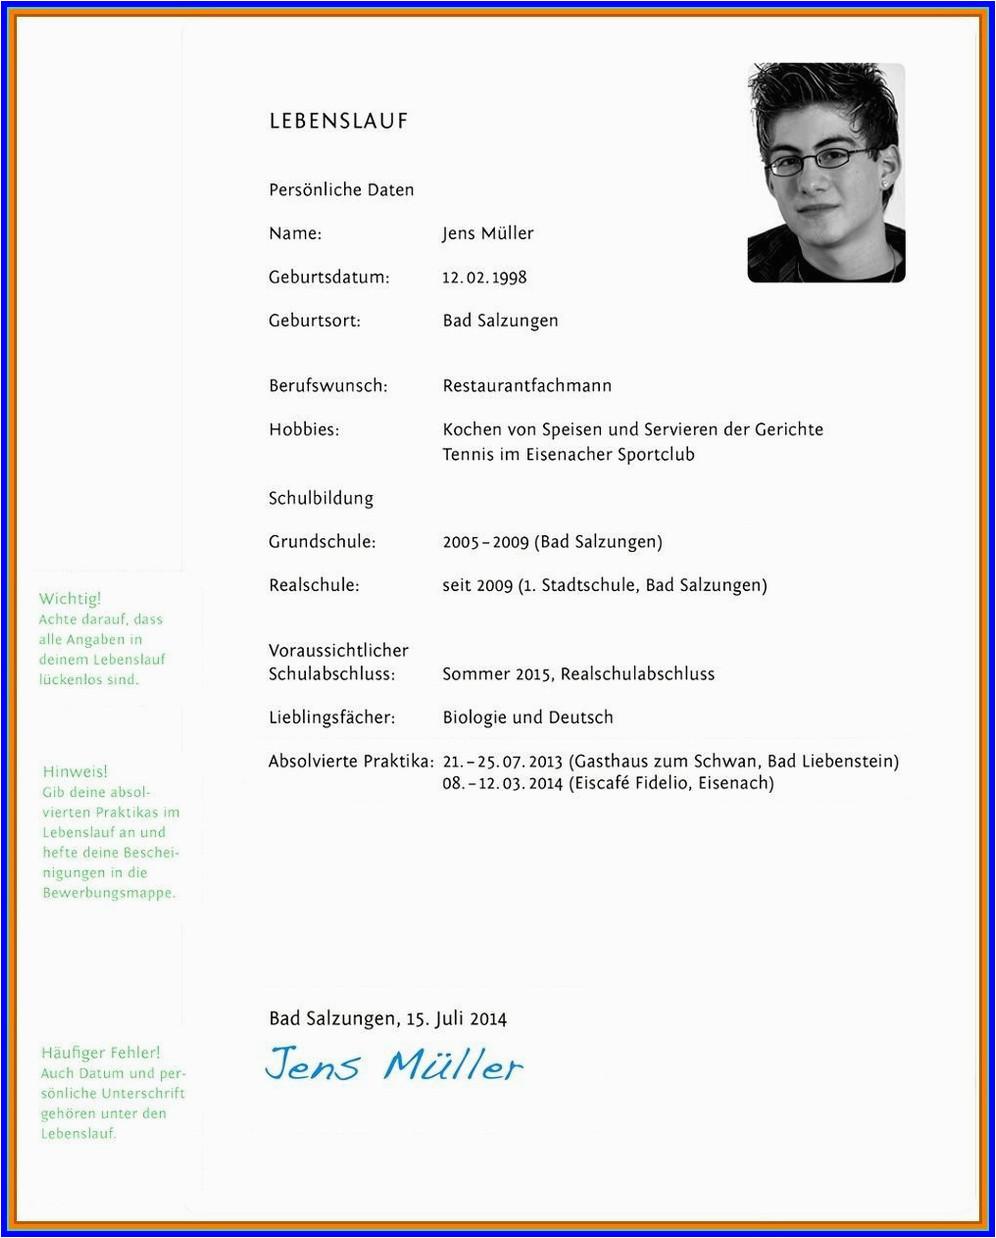 Datum Unterschrift Lebenslauf Englisch Lebenslauf Datum Unterschrift Latex Tabellarischer Englisch